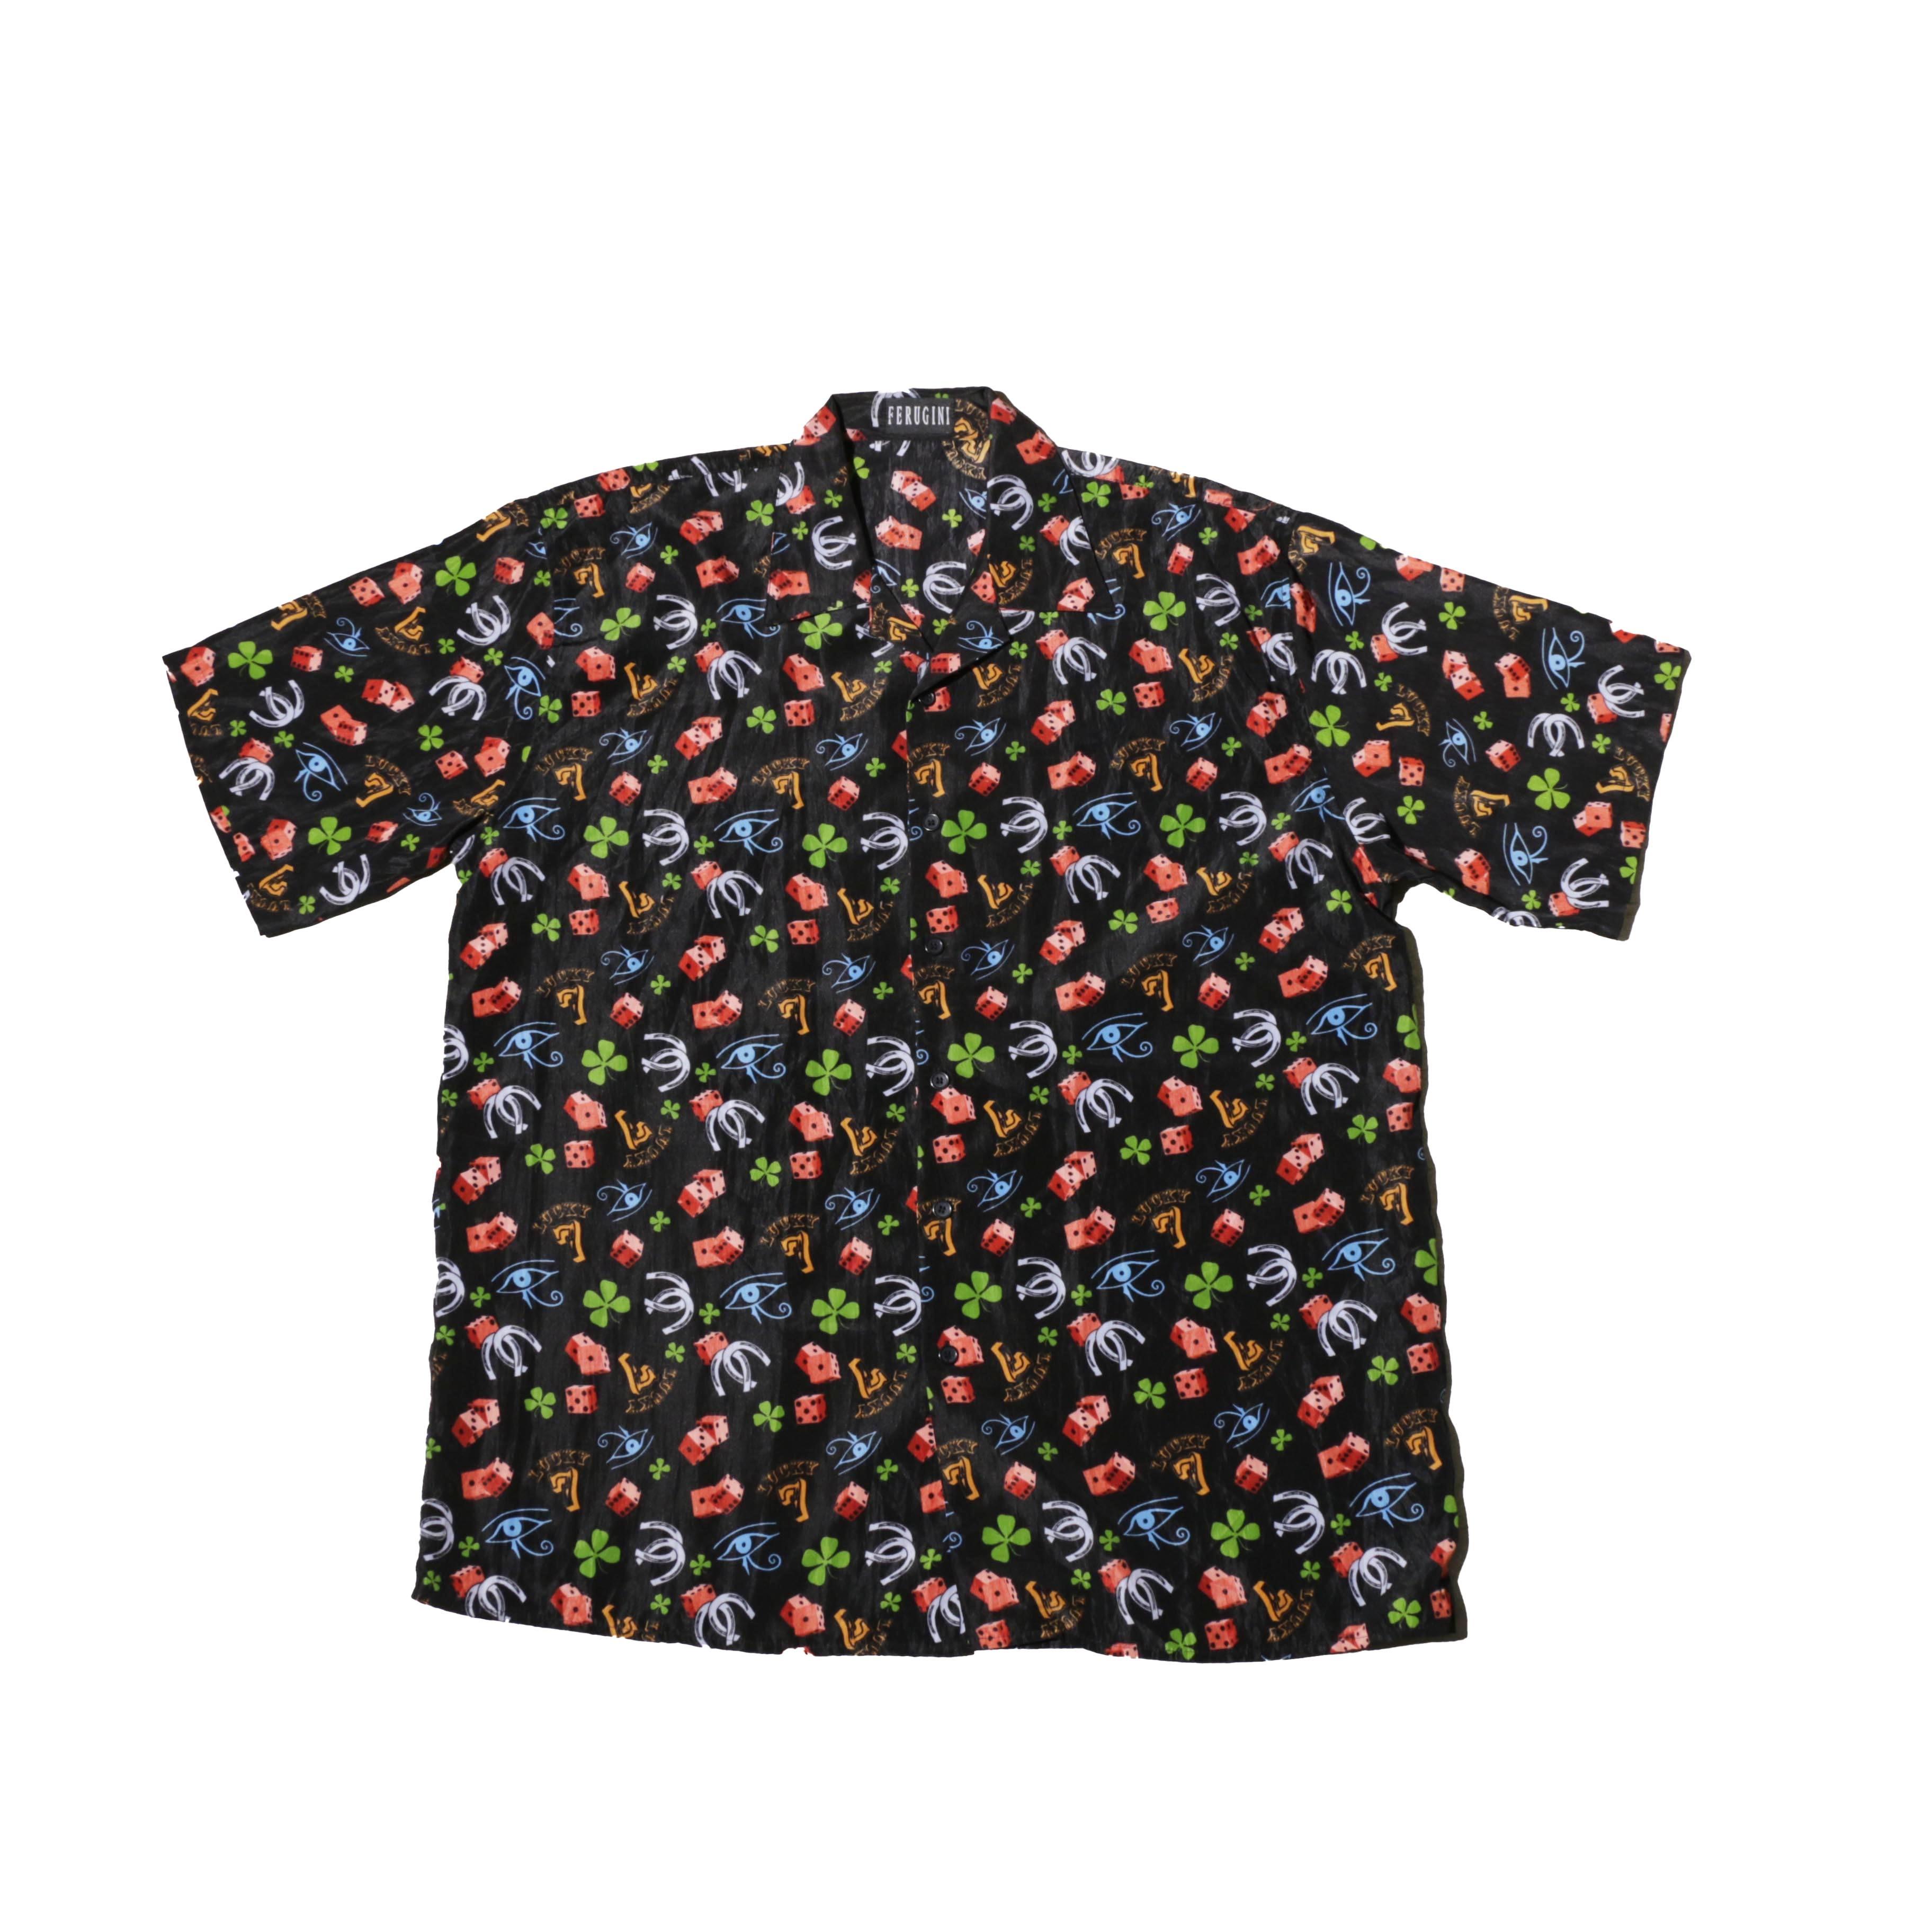 Gamble OpenShirts